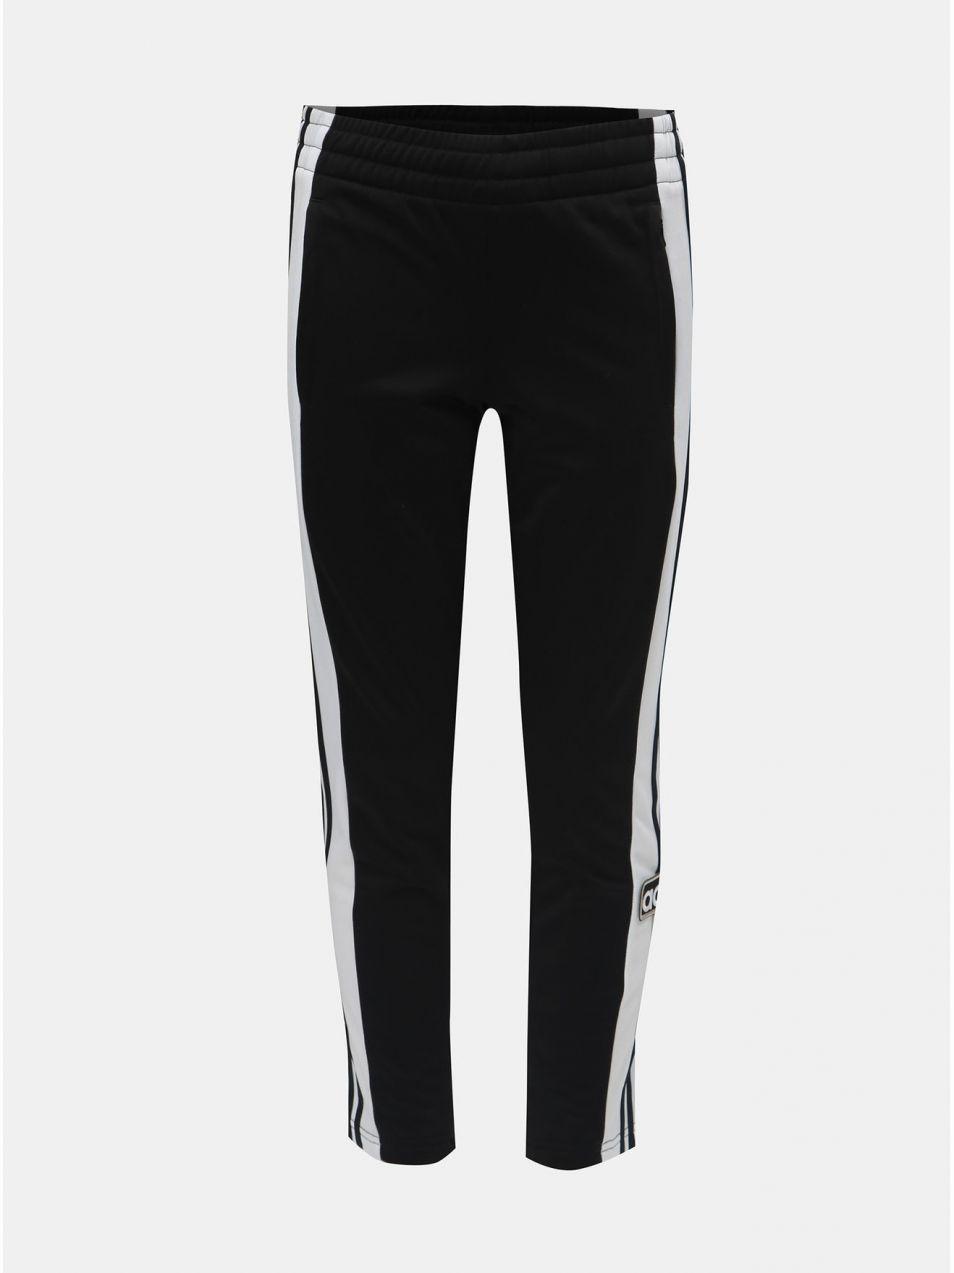 Bielo–čierne chlapčenské tepláky s nášivkou adidas Originals značky adidas  Originals - Lovely.sk 62ef02235e0